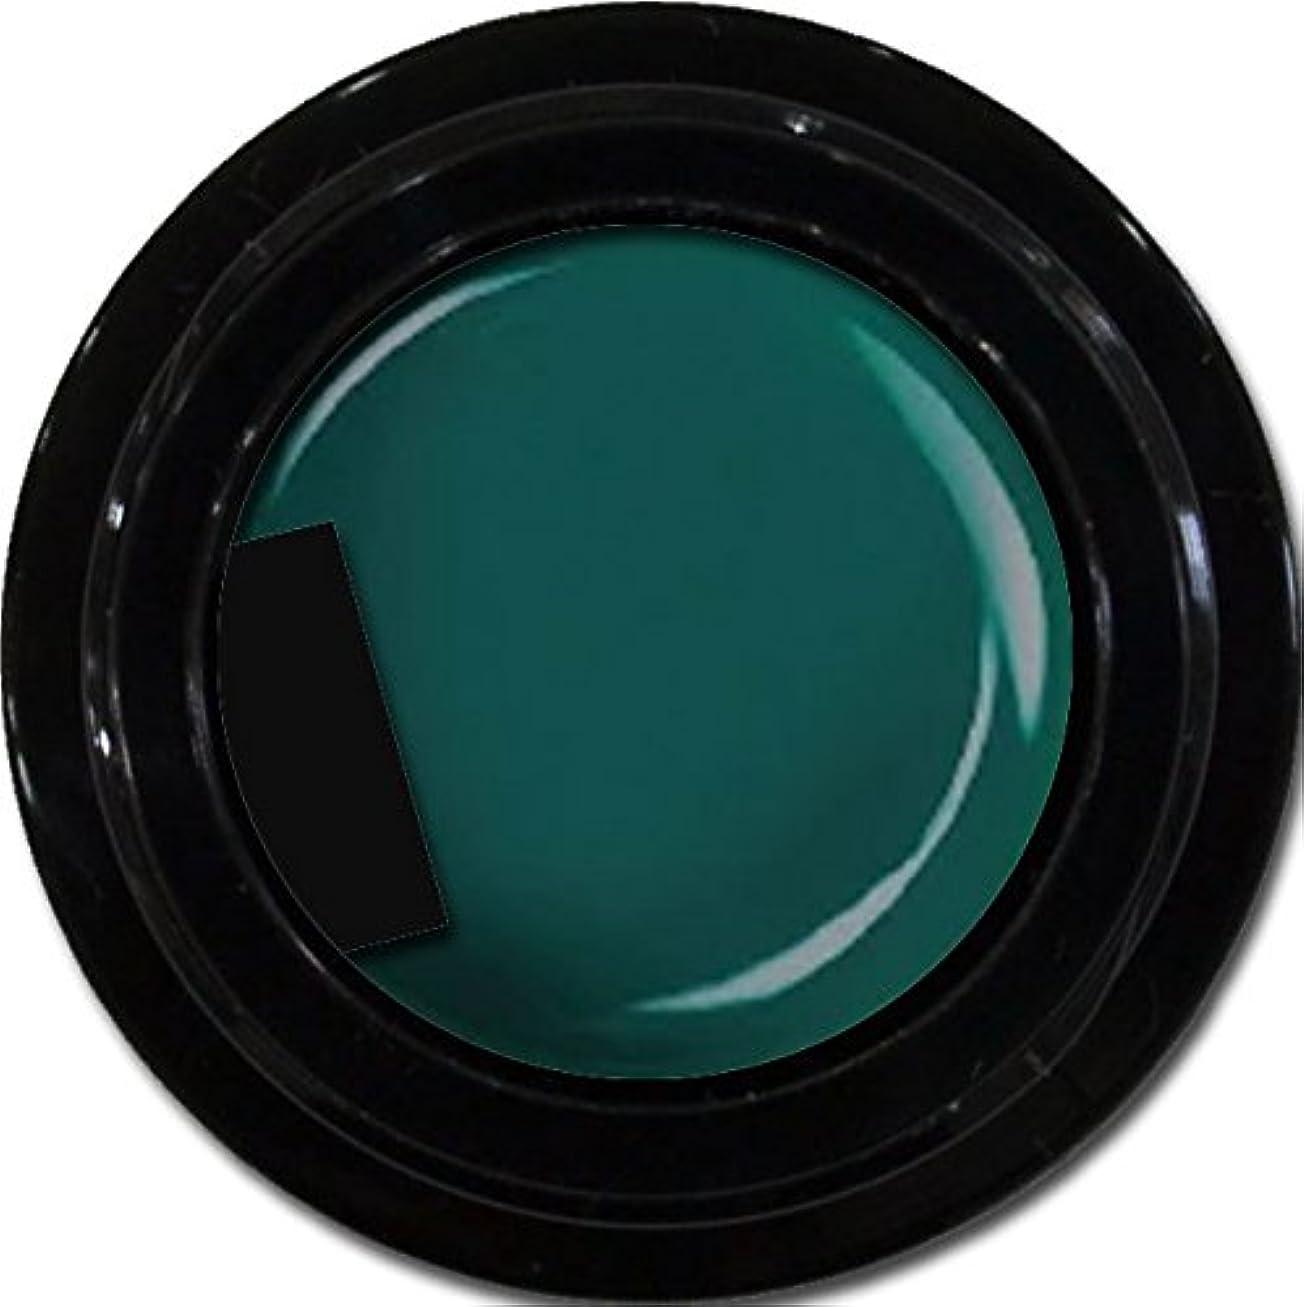 悪夢汚染された見捨てられたカラージェル enchant color gel M713 Olive 3g/ マットカラージェル M713 オリーブ 3グラム